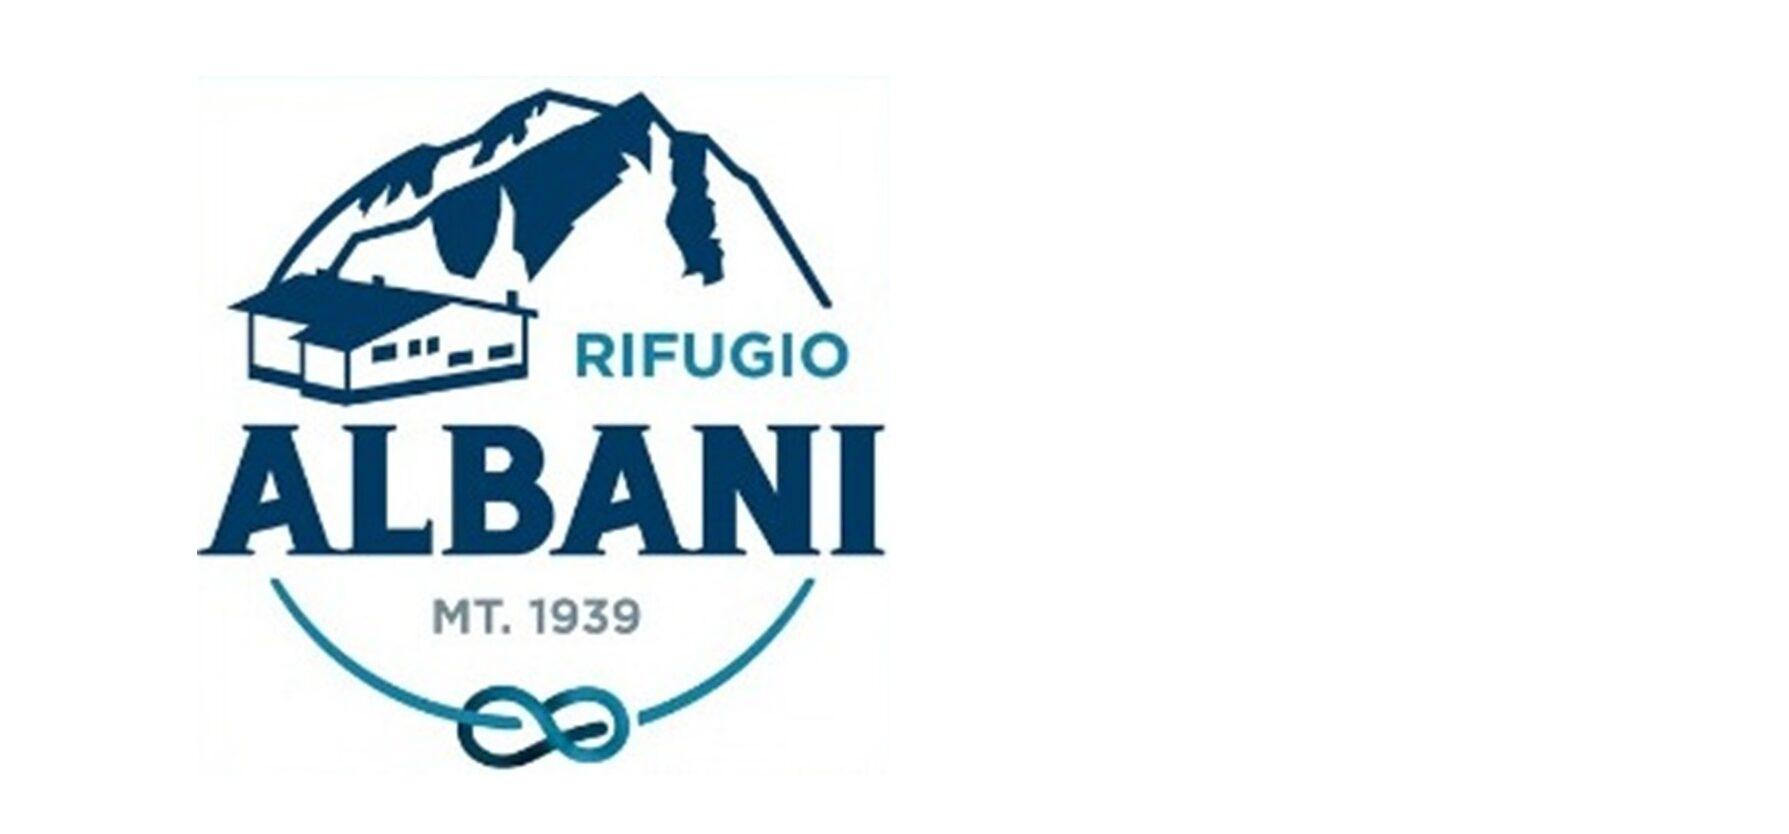 Rifugio Luigi Albani